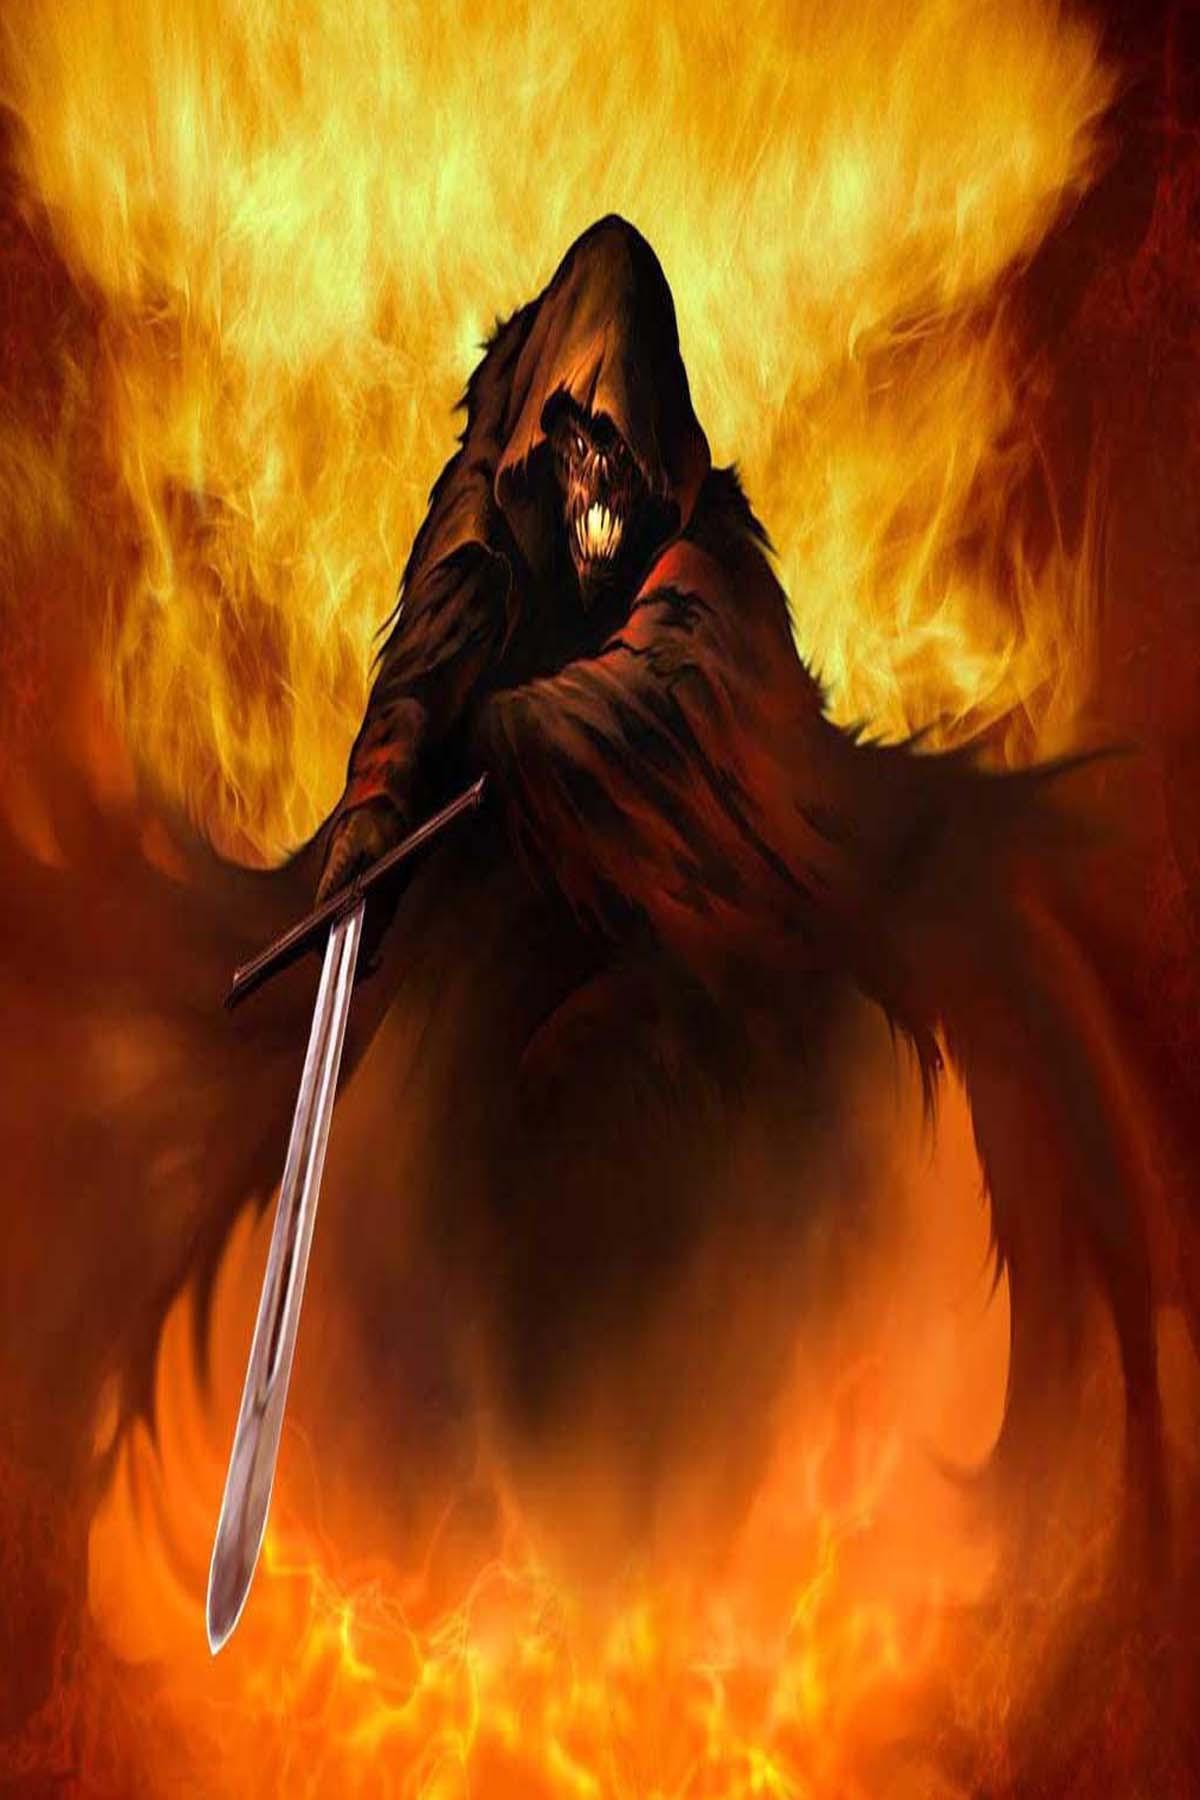 شیطان,سقوط,گمراهی,آدم,عبادات,ابلیس